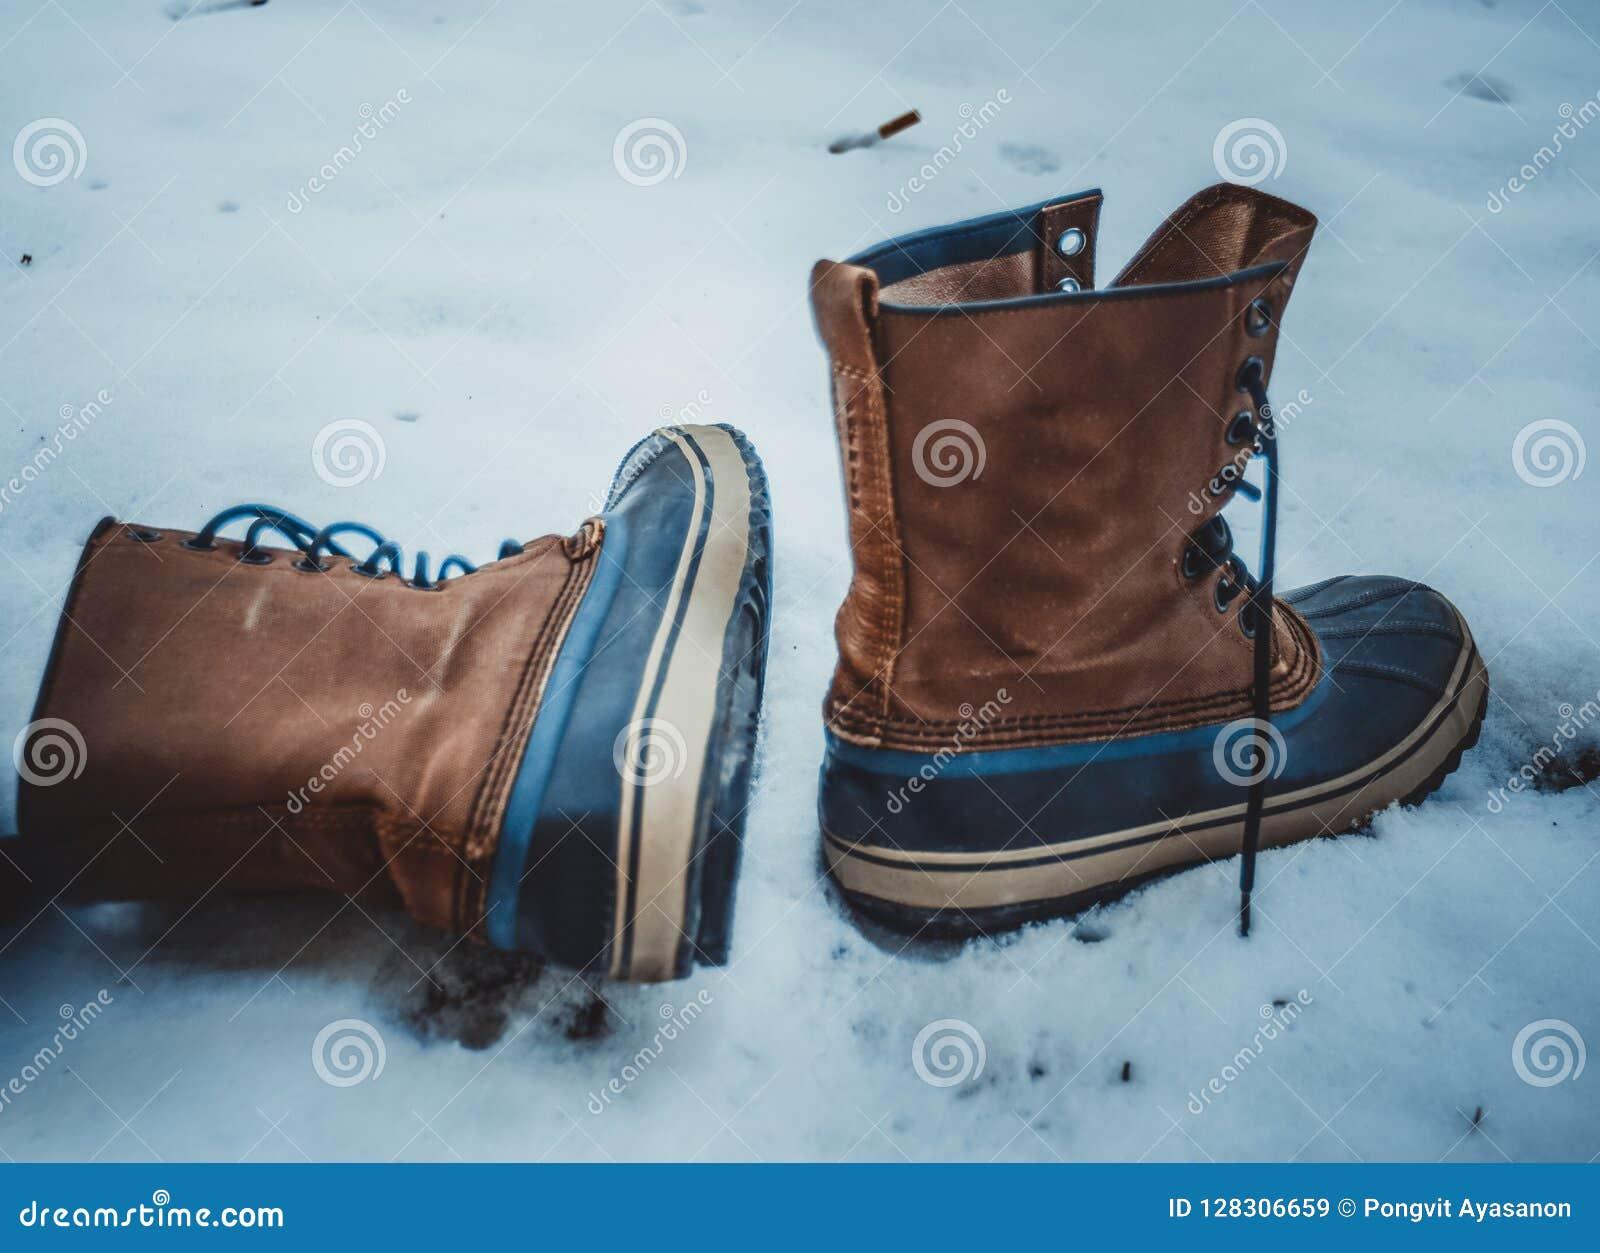 Rzemienni buty samotni opuszczali w śniegu